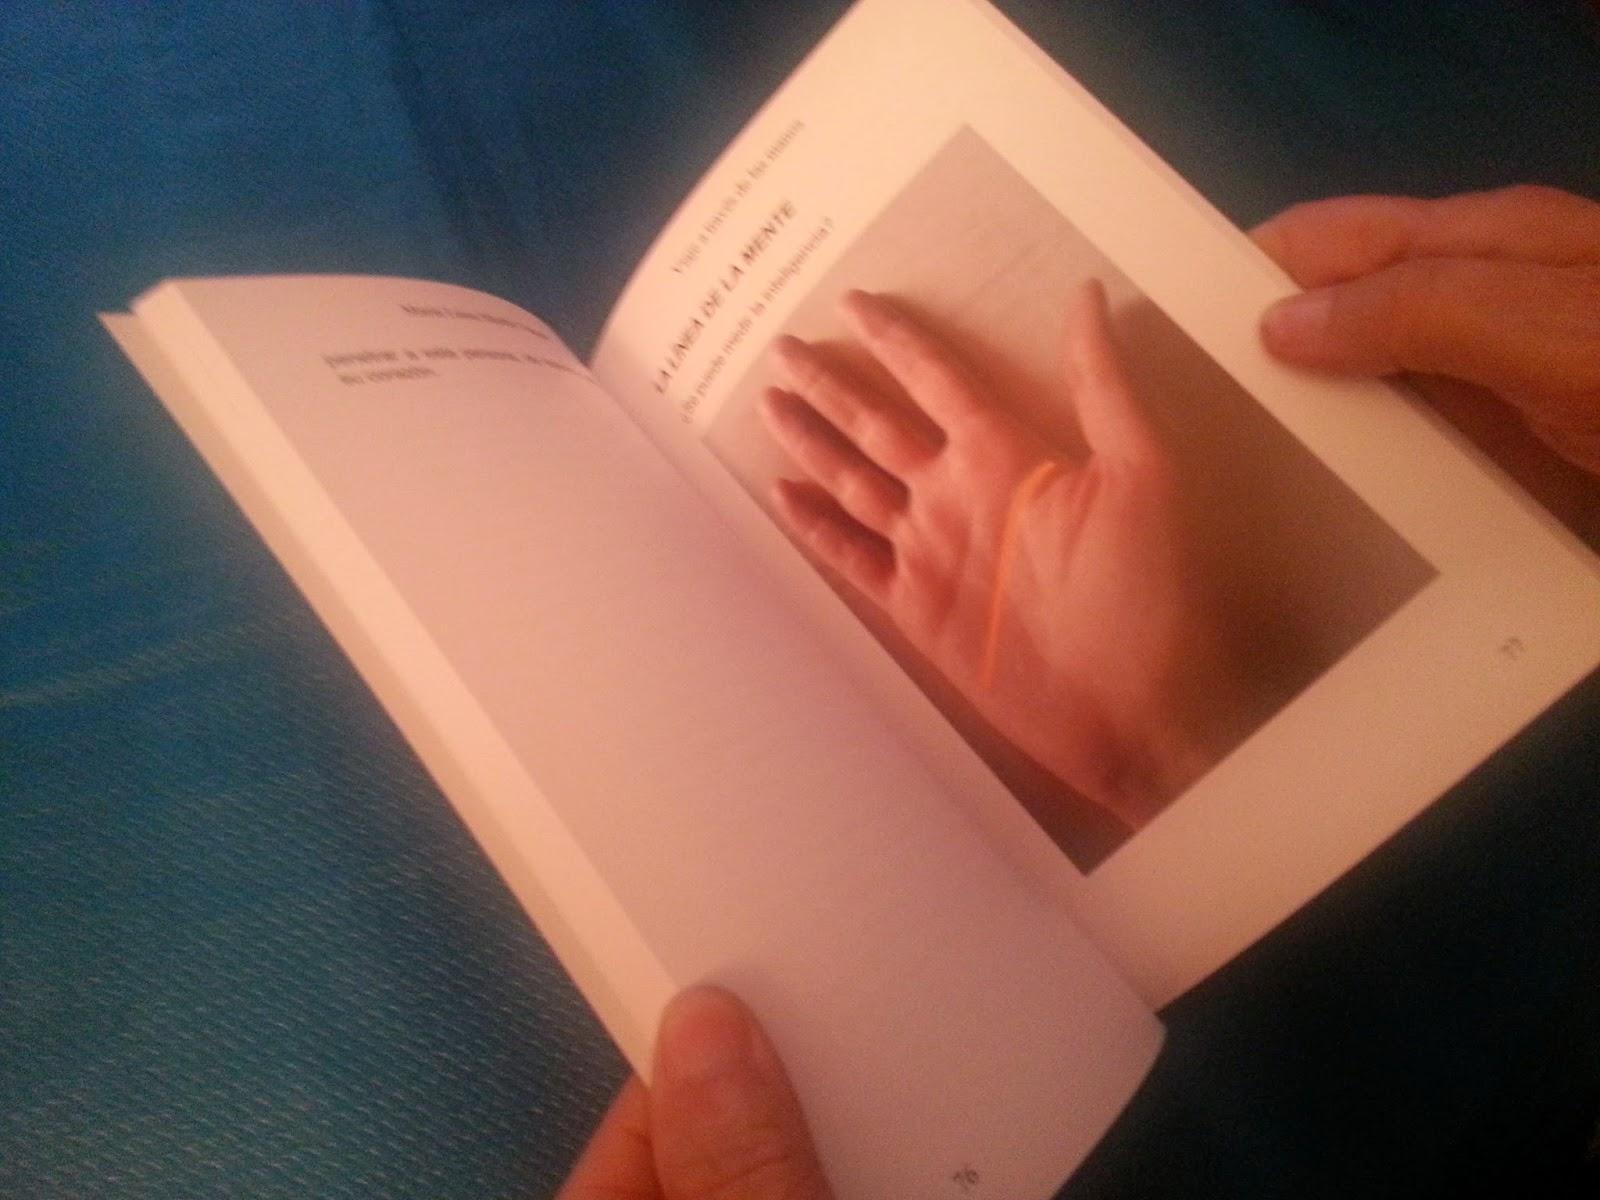 Viaje a través de las manos. Libro de lectura de manos